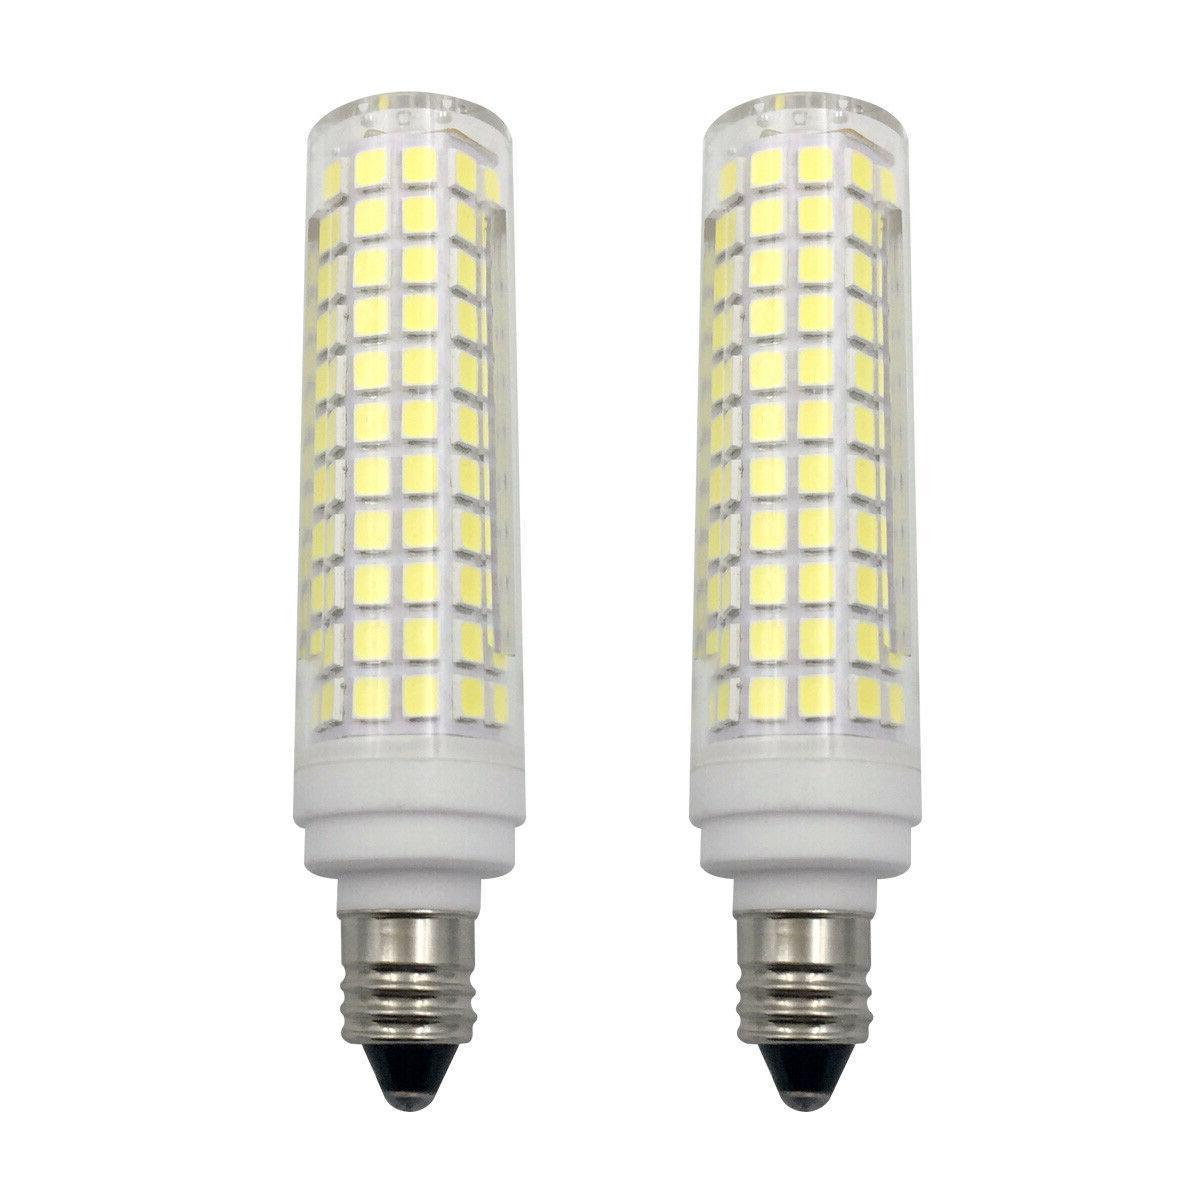 2pcs e11 led bulb 10w 110v 136